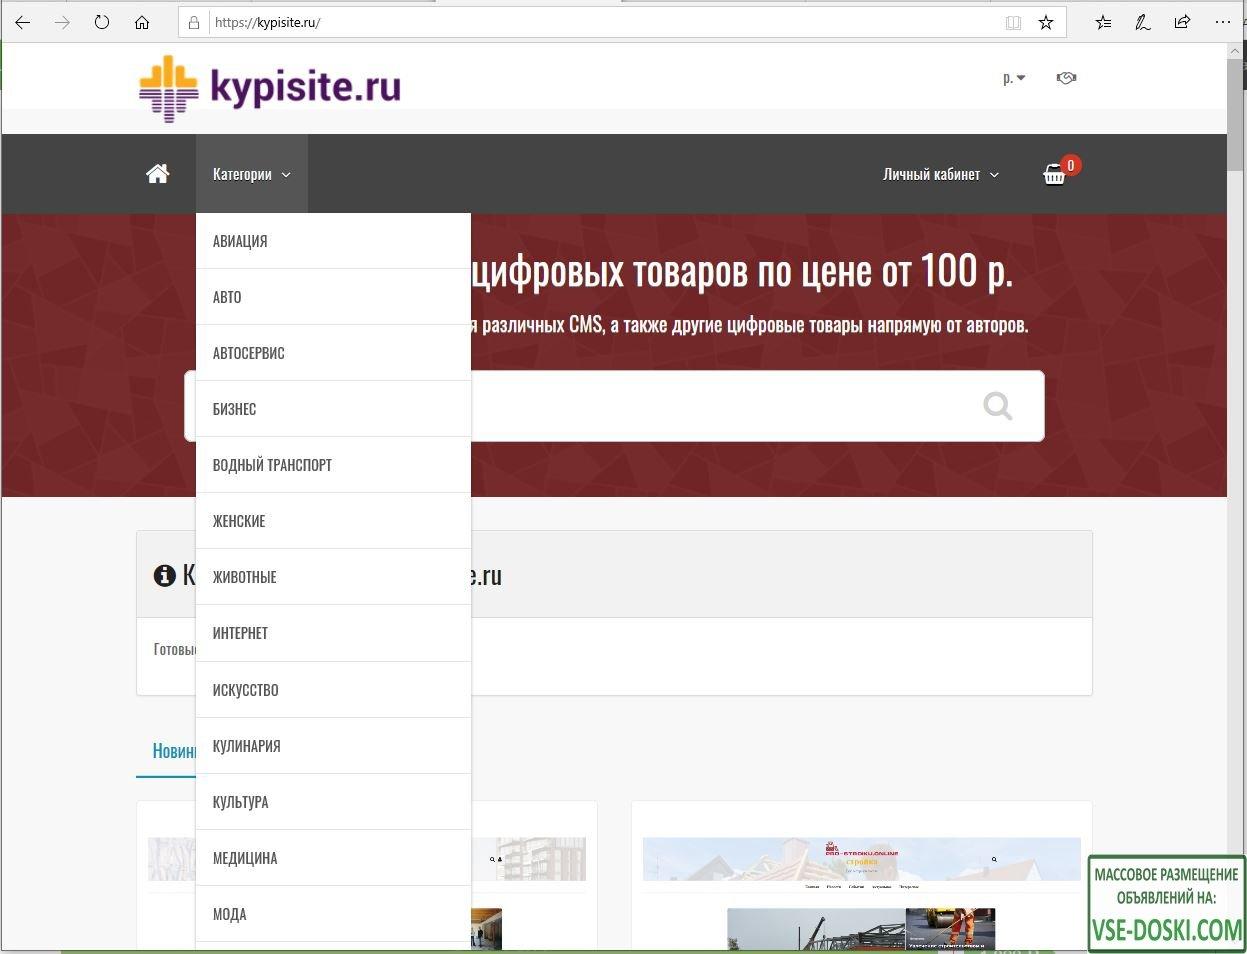 Купить готовый сайт WordPress на kypisite.ru - 1/1